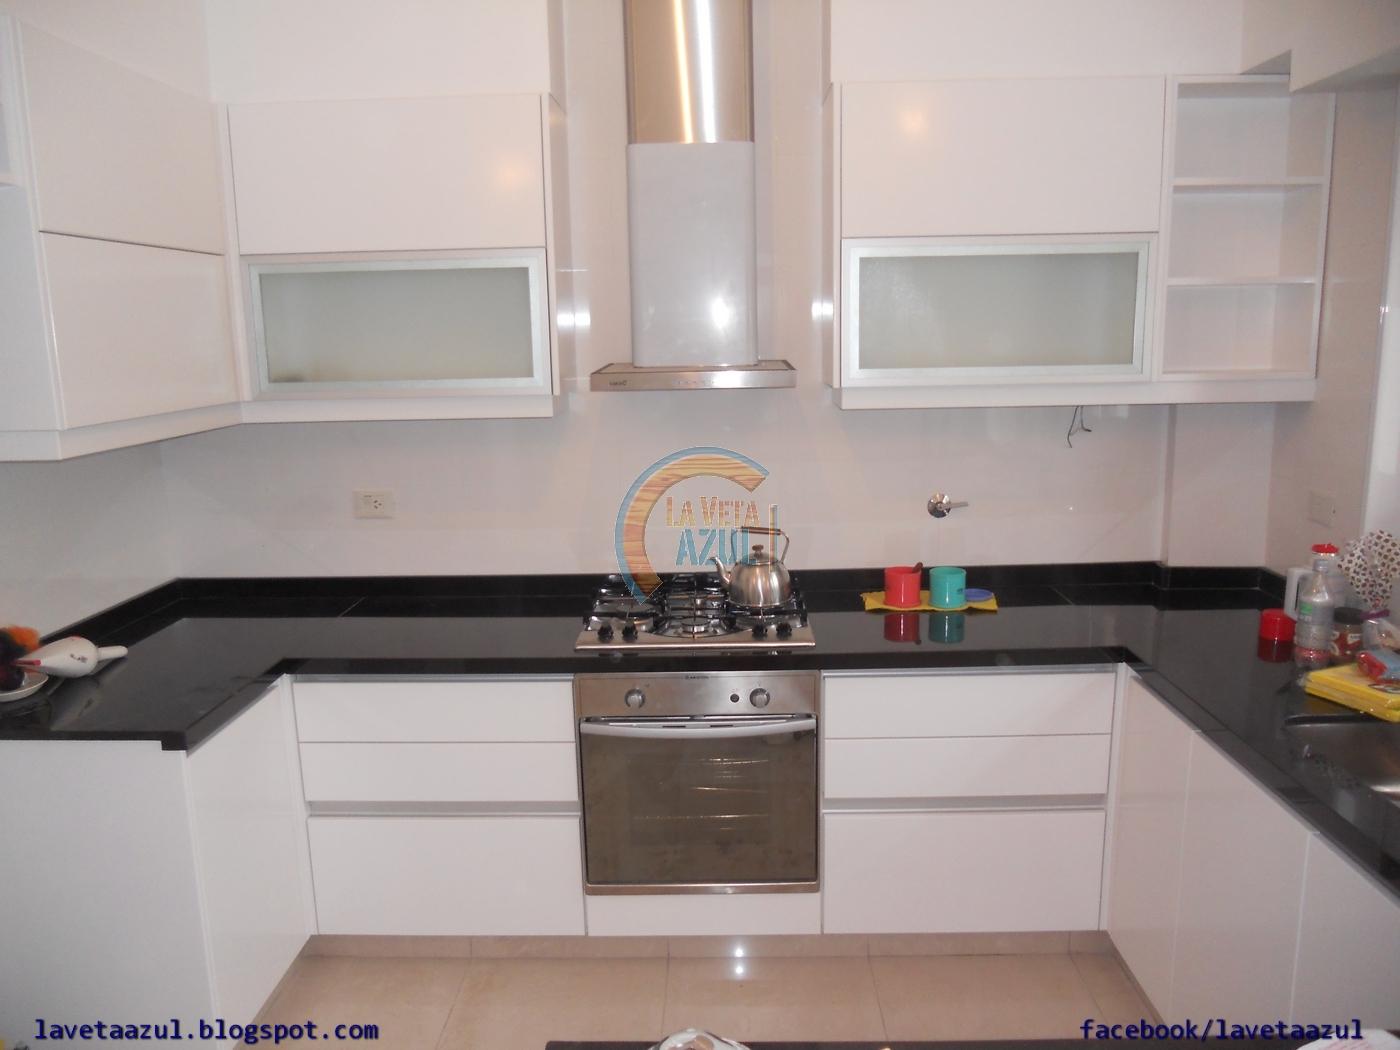 La veta azul mueble cocina en laca blanca semi mate for Severino muebles cocina alacena melamina blanca